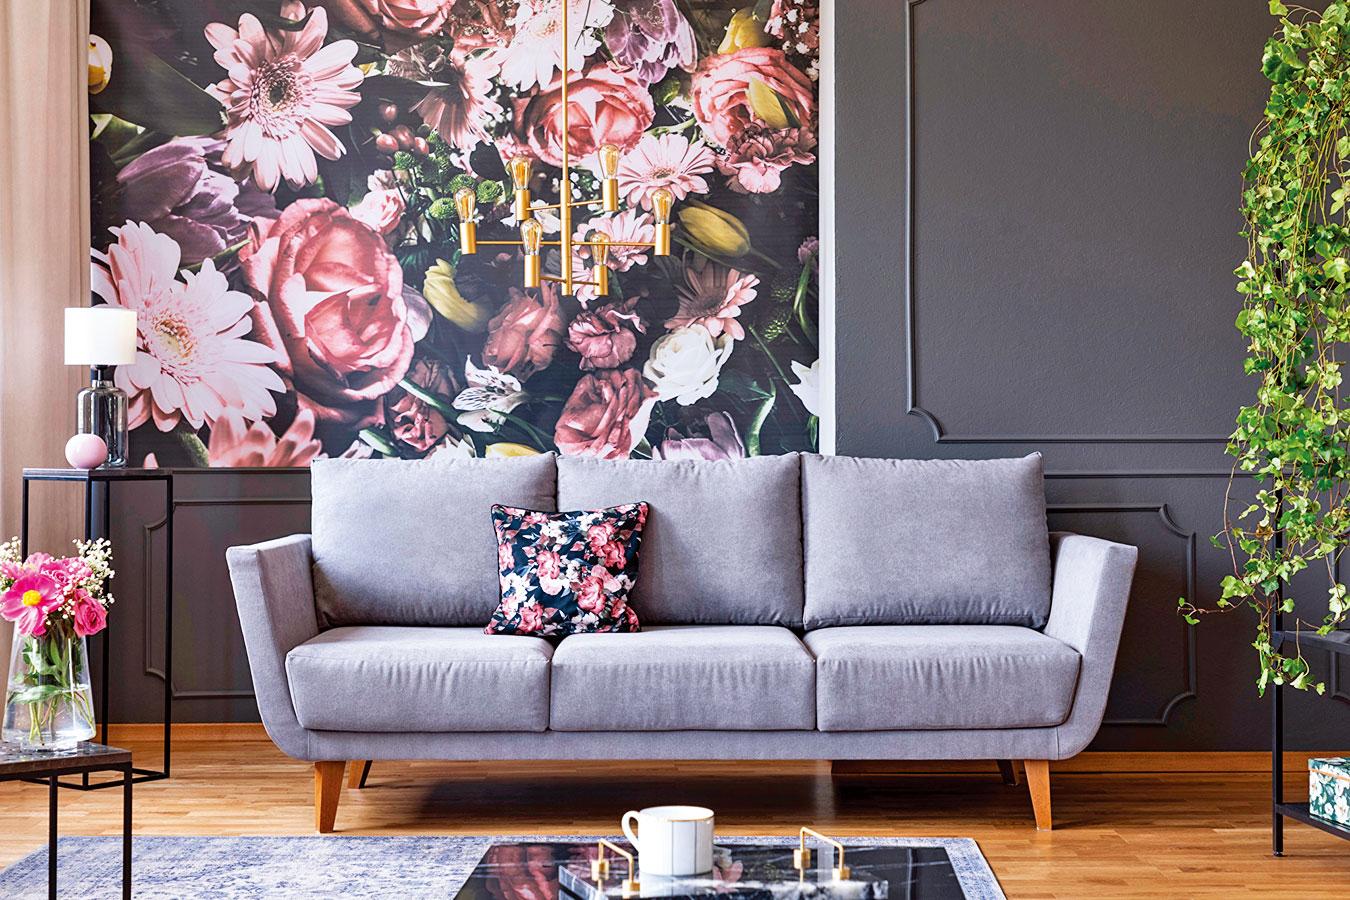 花卉圖案將以嶄新的面貌捲土重來,帶給我們更時尚的風格選擇。(shutterstock)